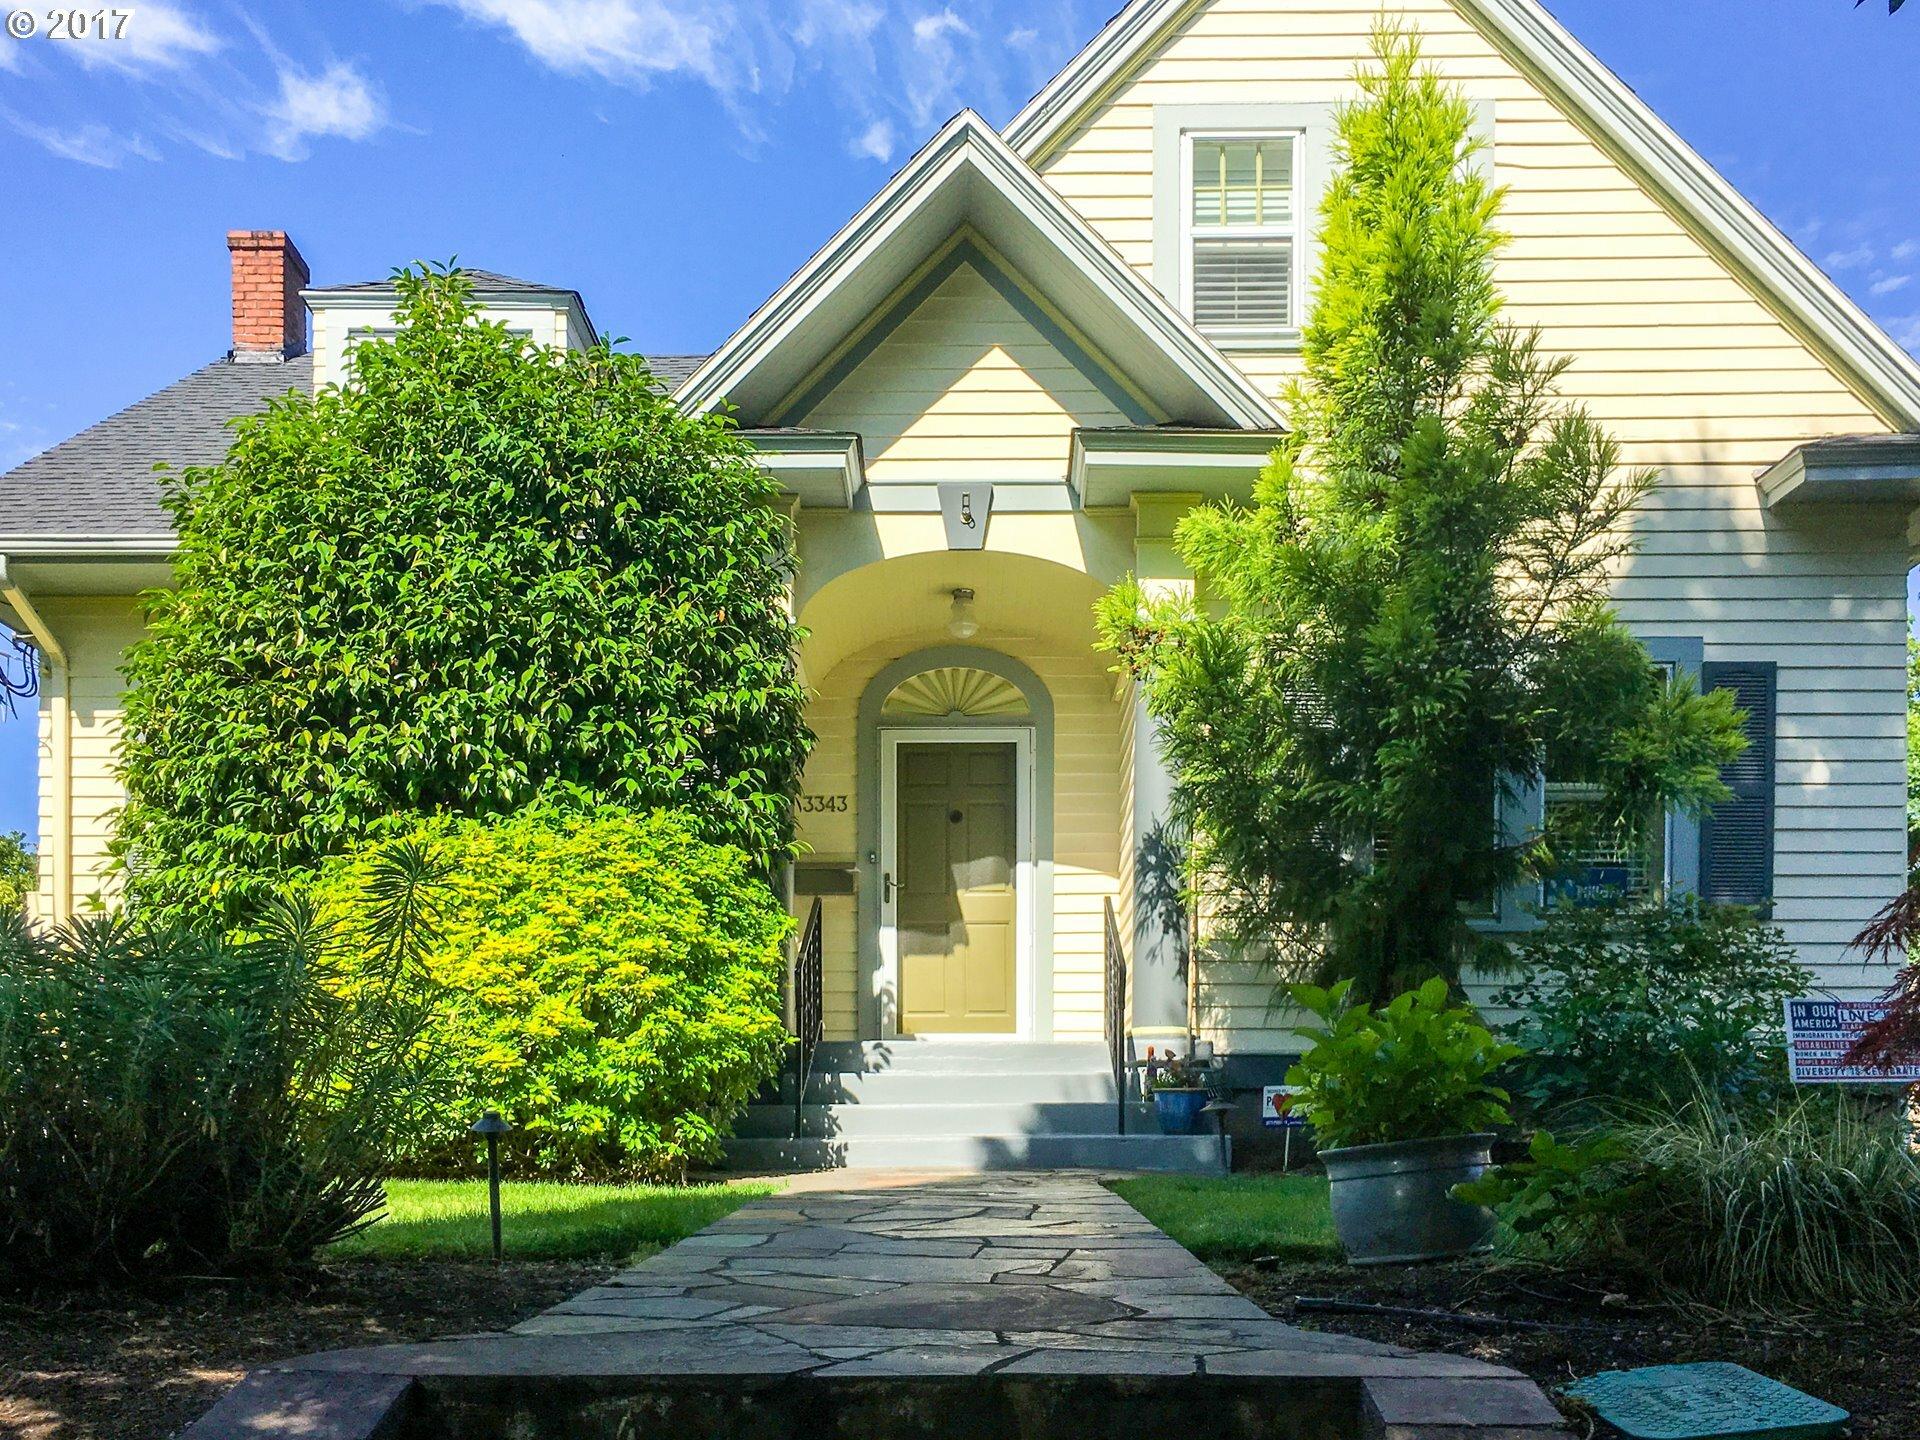 3343 Ne 17th Ave, Portland, OR - USA (photo 1)